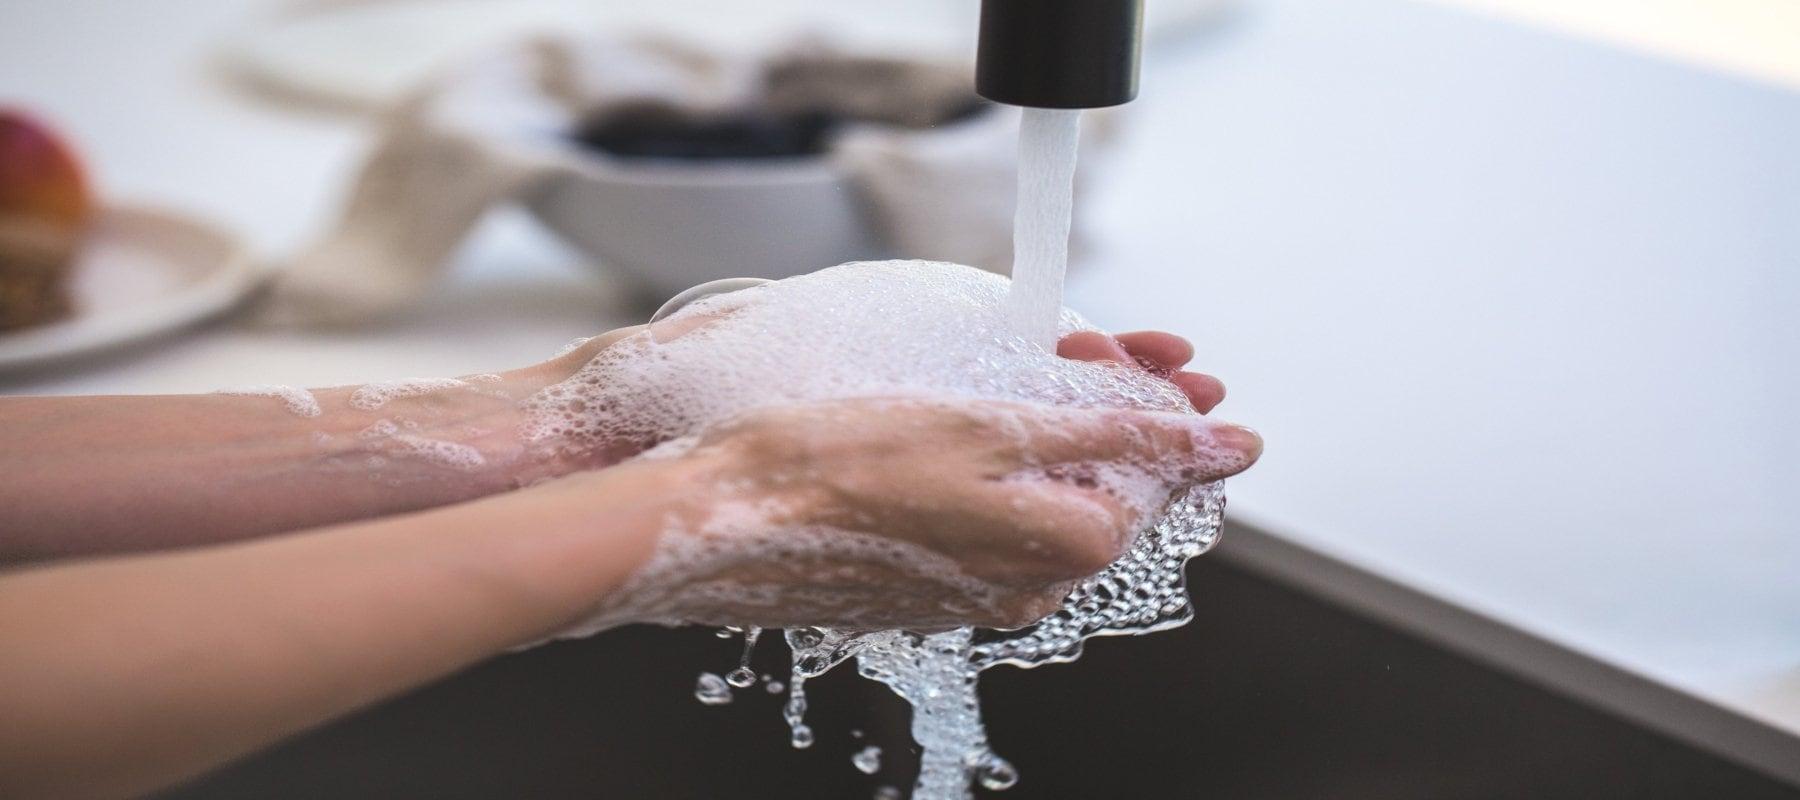 Моющие средства обвинили в распространении устойчивых к антибиотикам бактерий